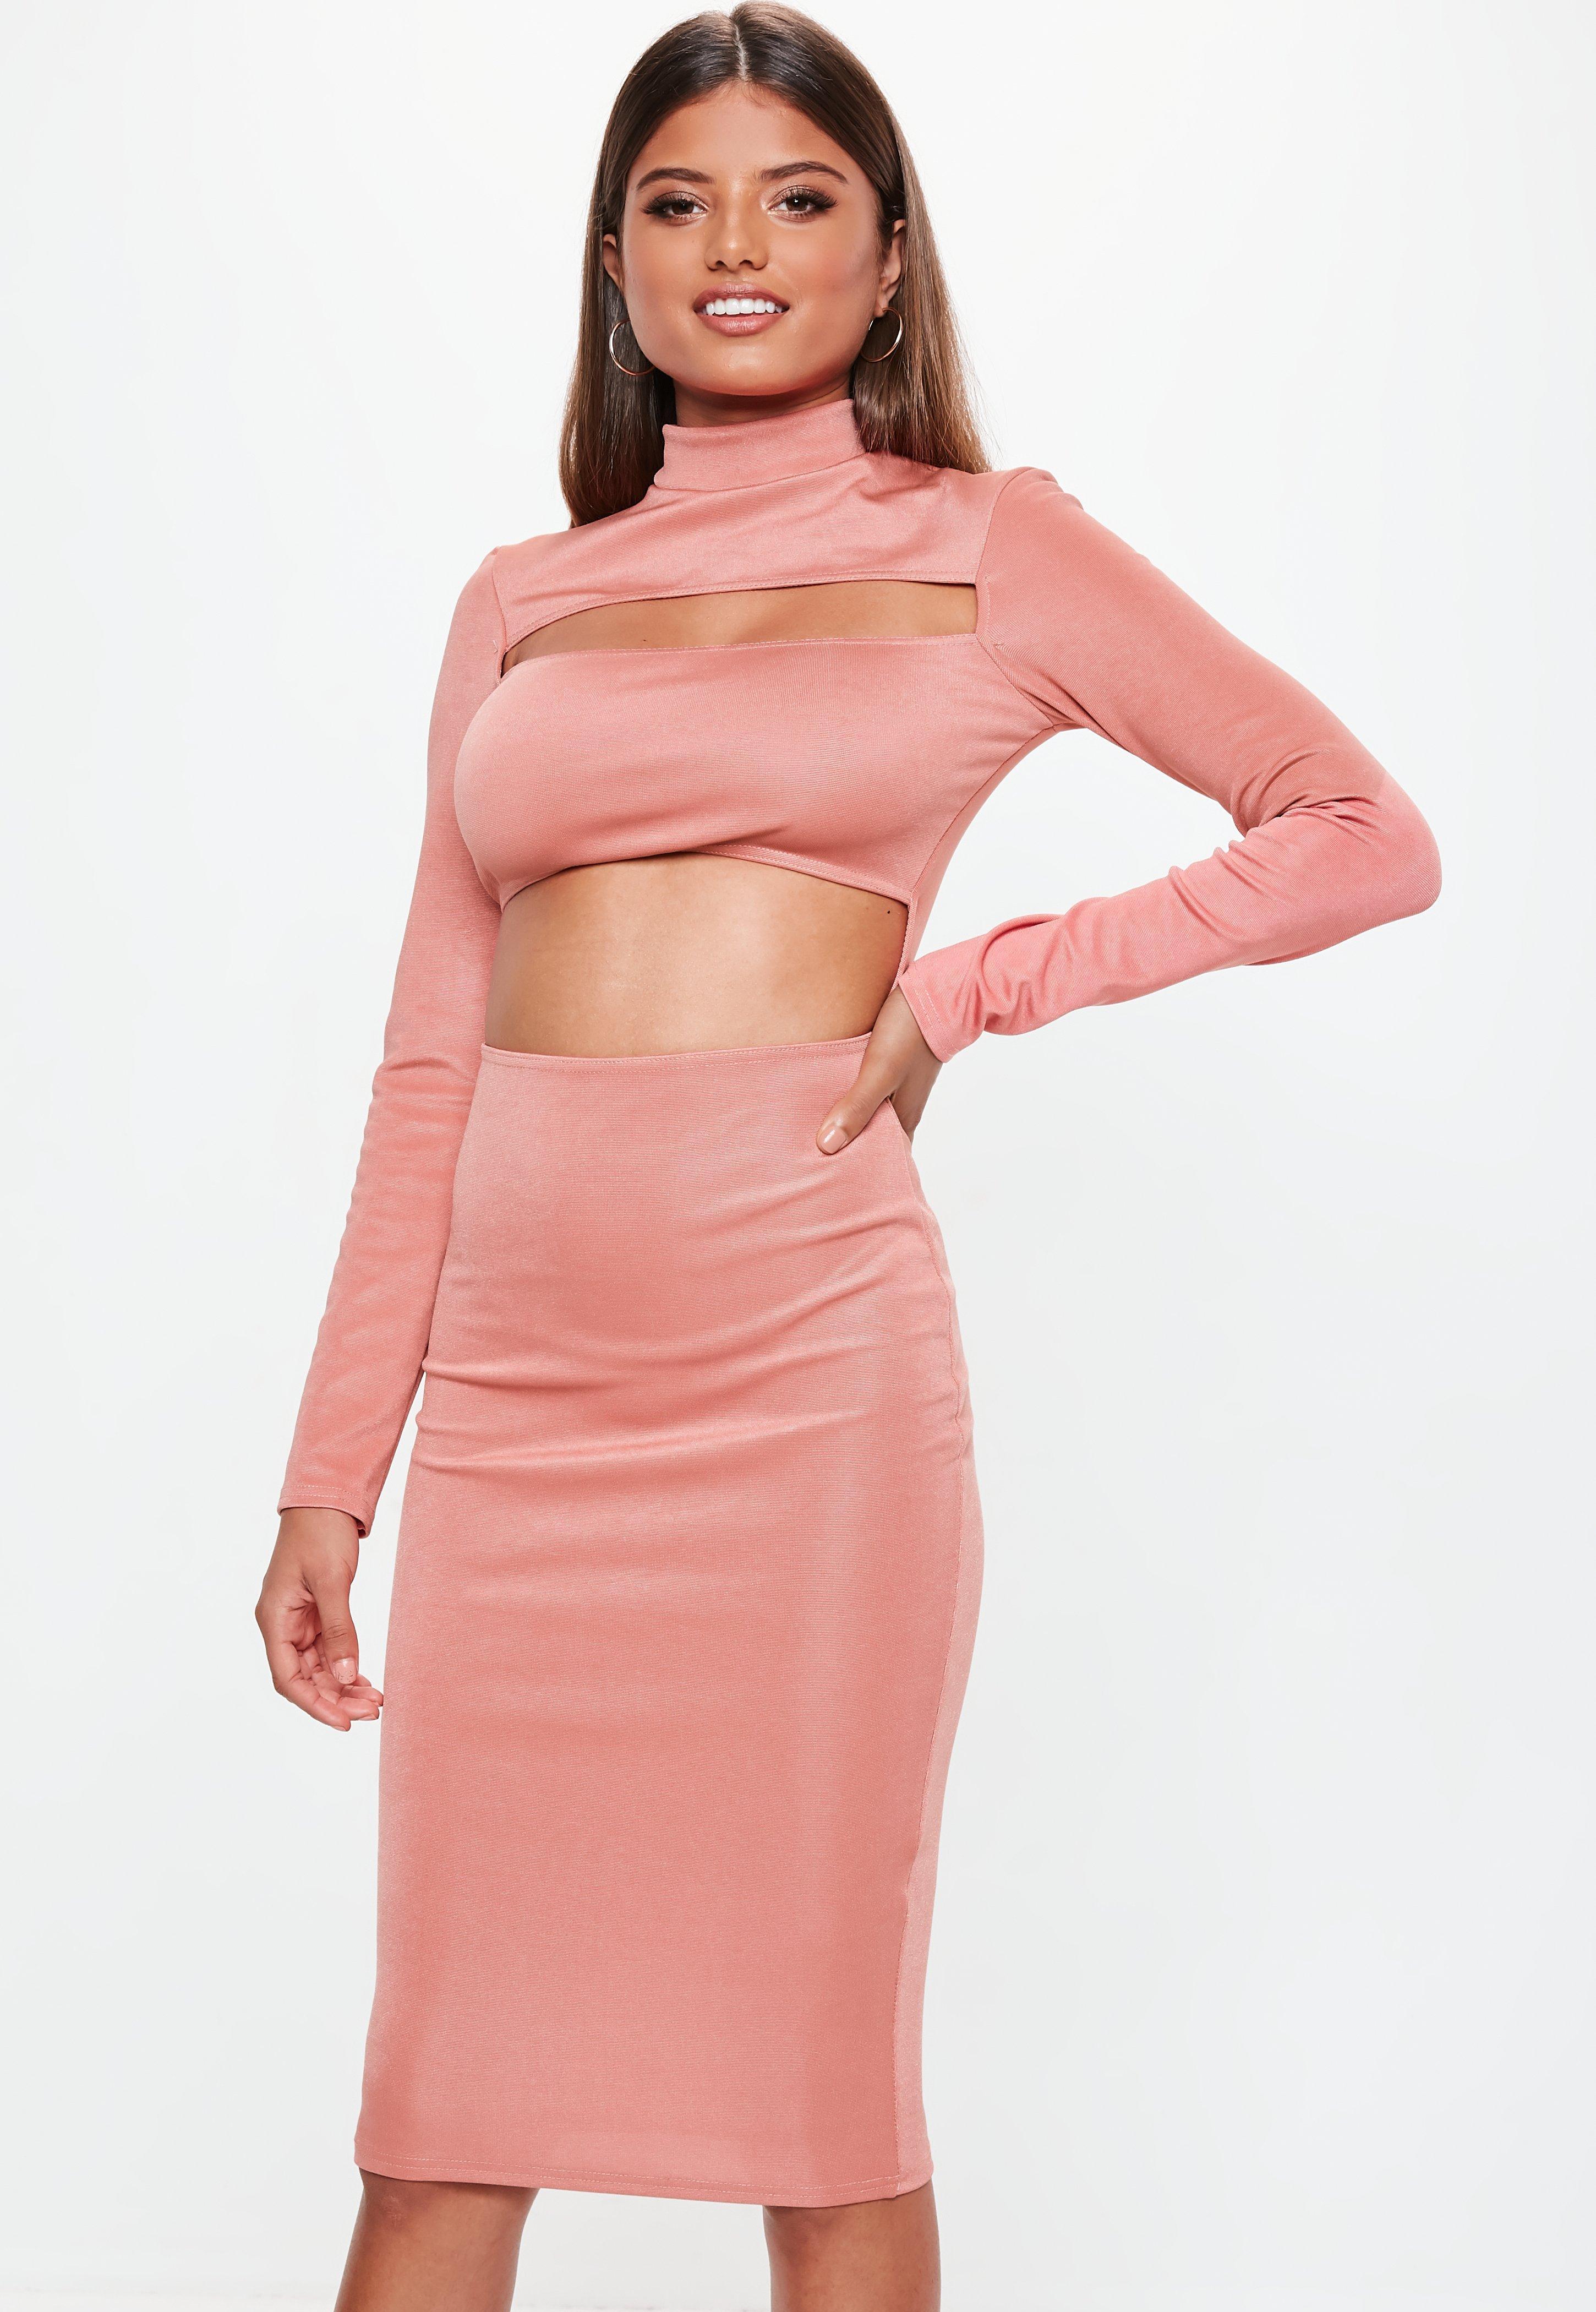 Vestidos ajustados | Vestidos ceñidos - Missguided